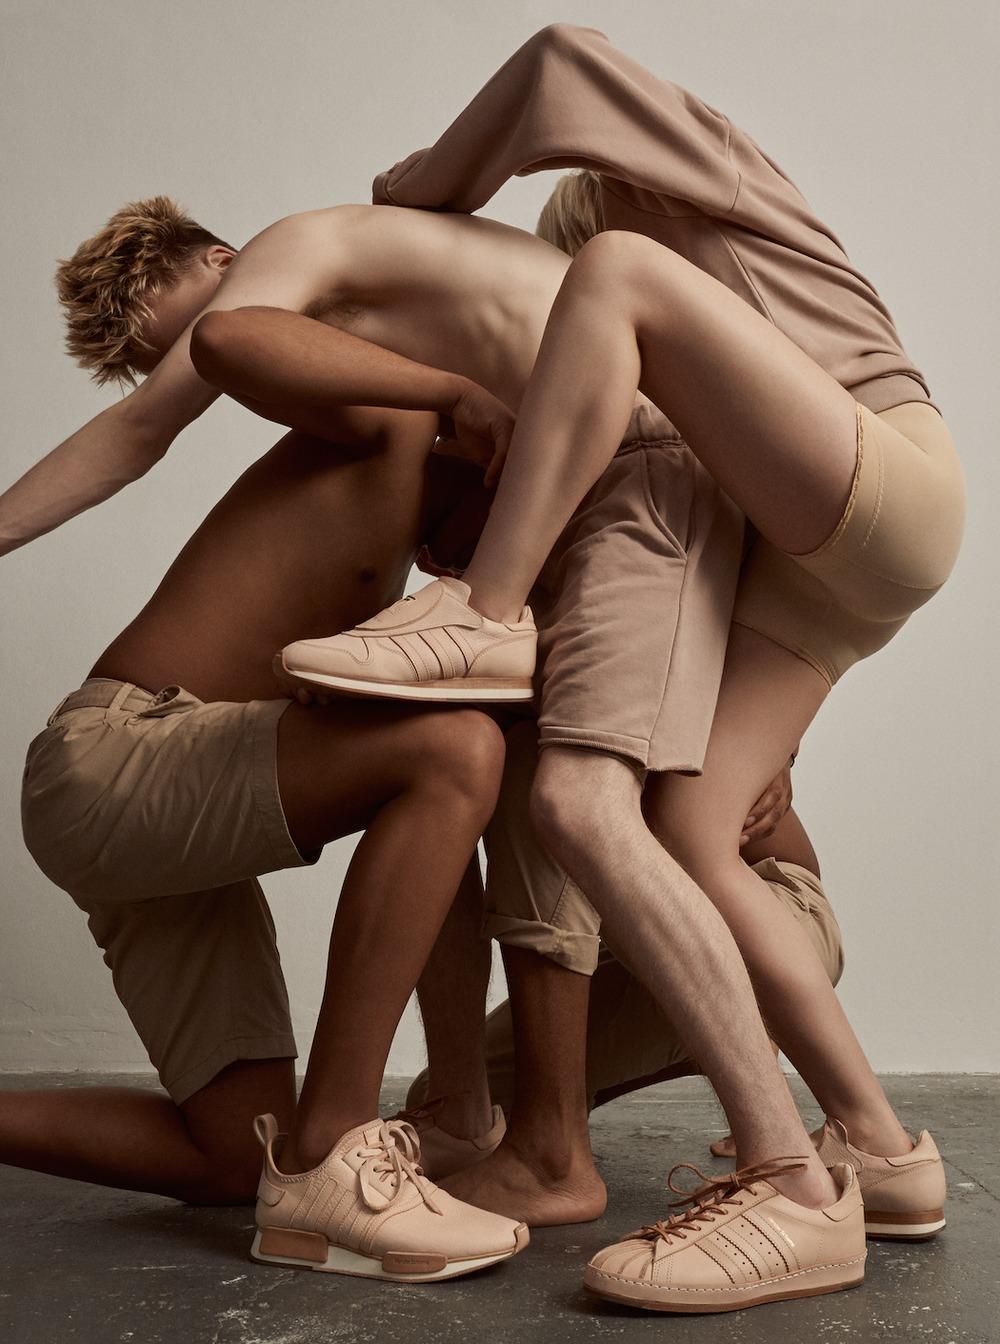 adidas Originals Team Up With Hender Scheme To Create Handmade Luxury Footwear